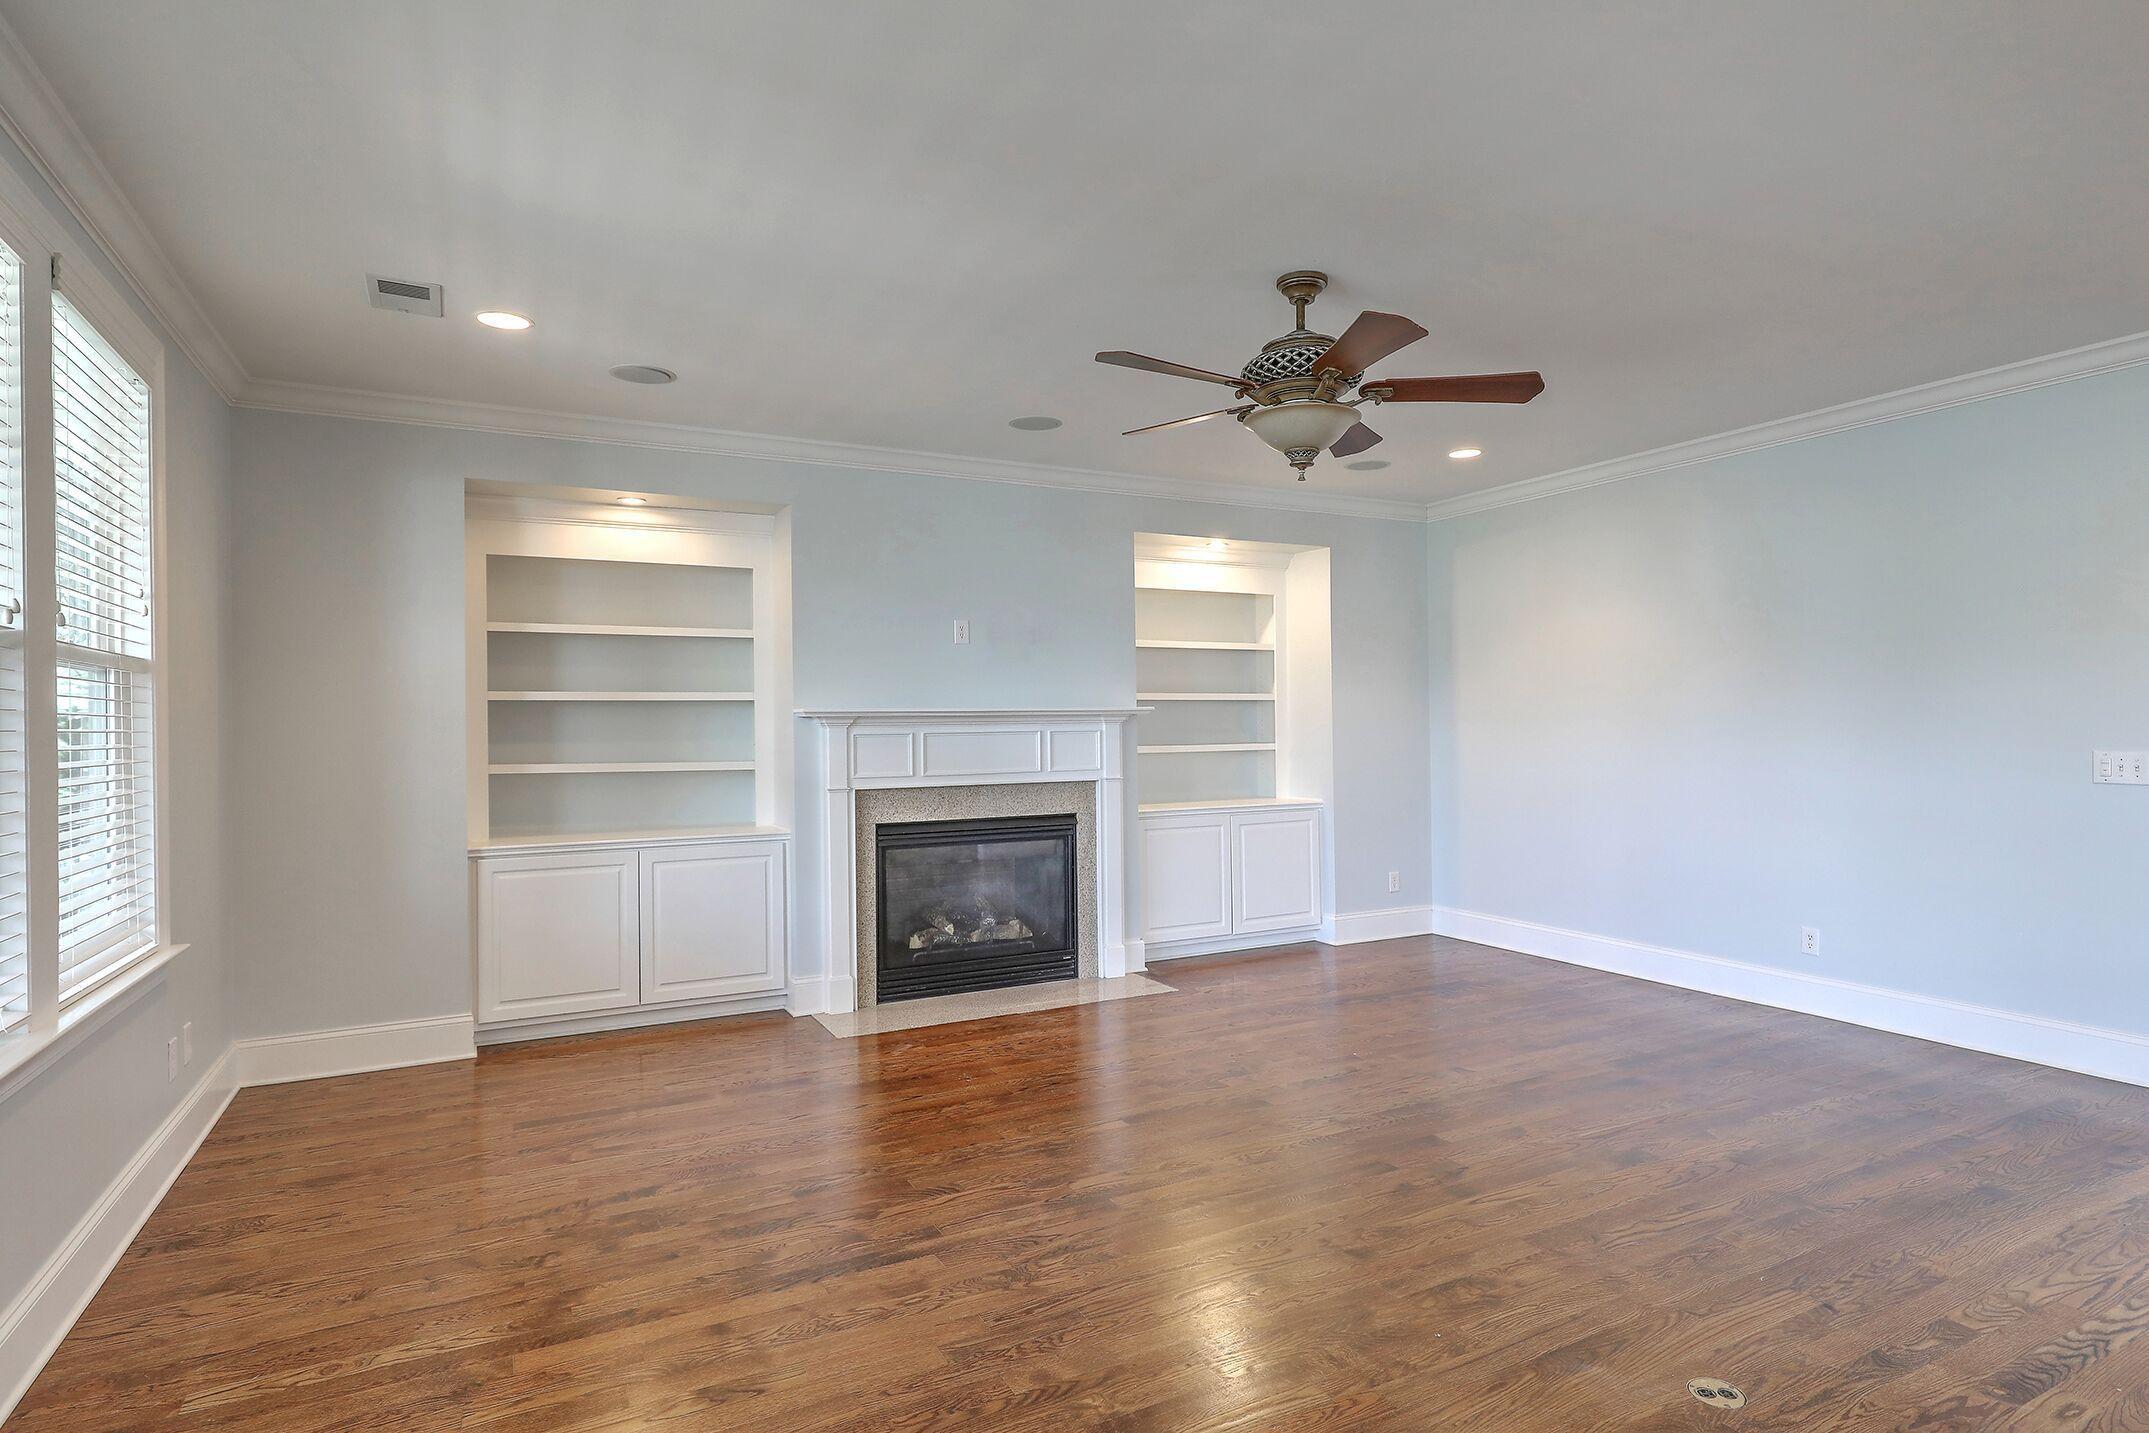 Dunes West Homes For Sale - 2970 Sturbridge, Mount Pleasant, SC - 54